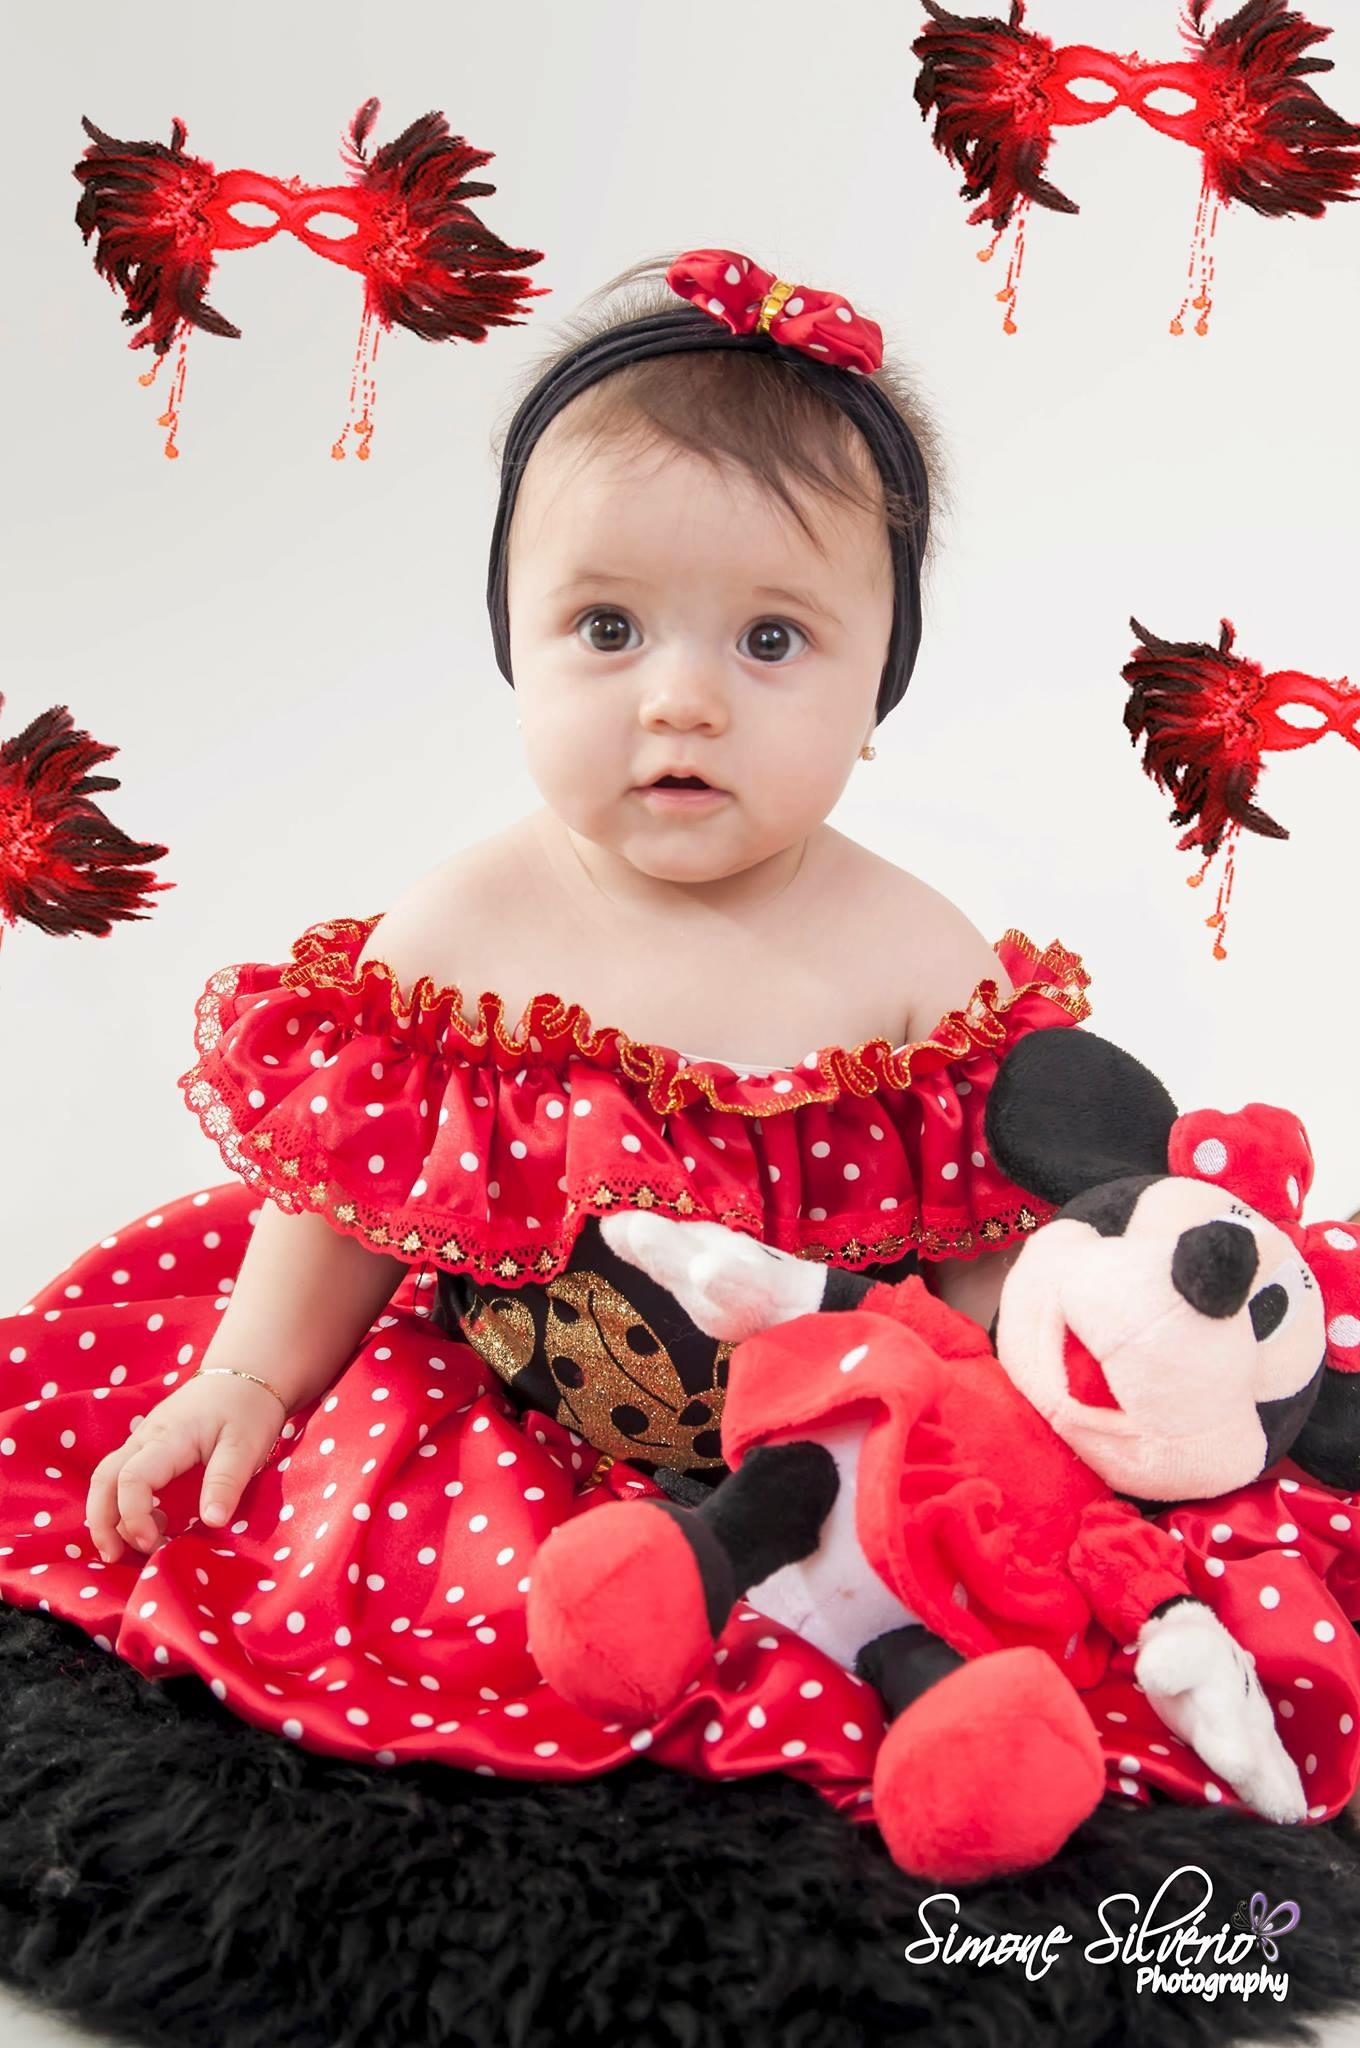 Maria Fernanda fantasiada de Minnie e vencedora do Concurso Cultural Pós Carnaval do blog Mamãe Prática